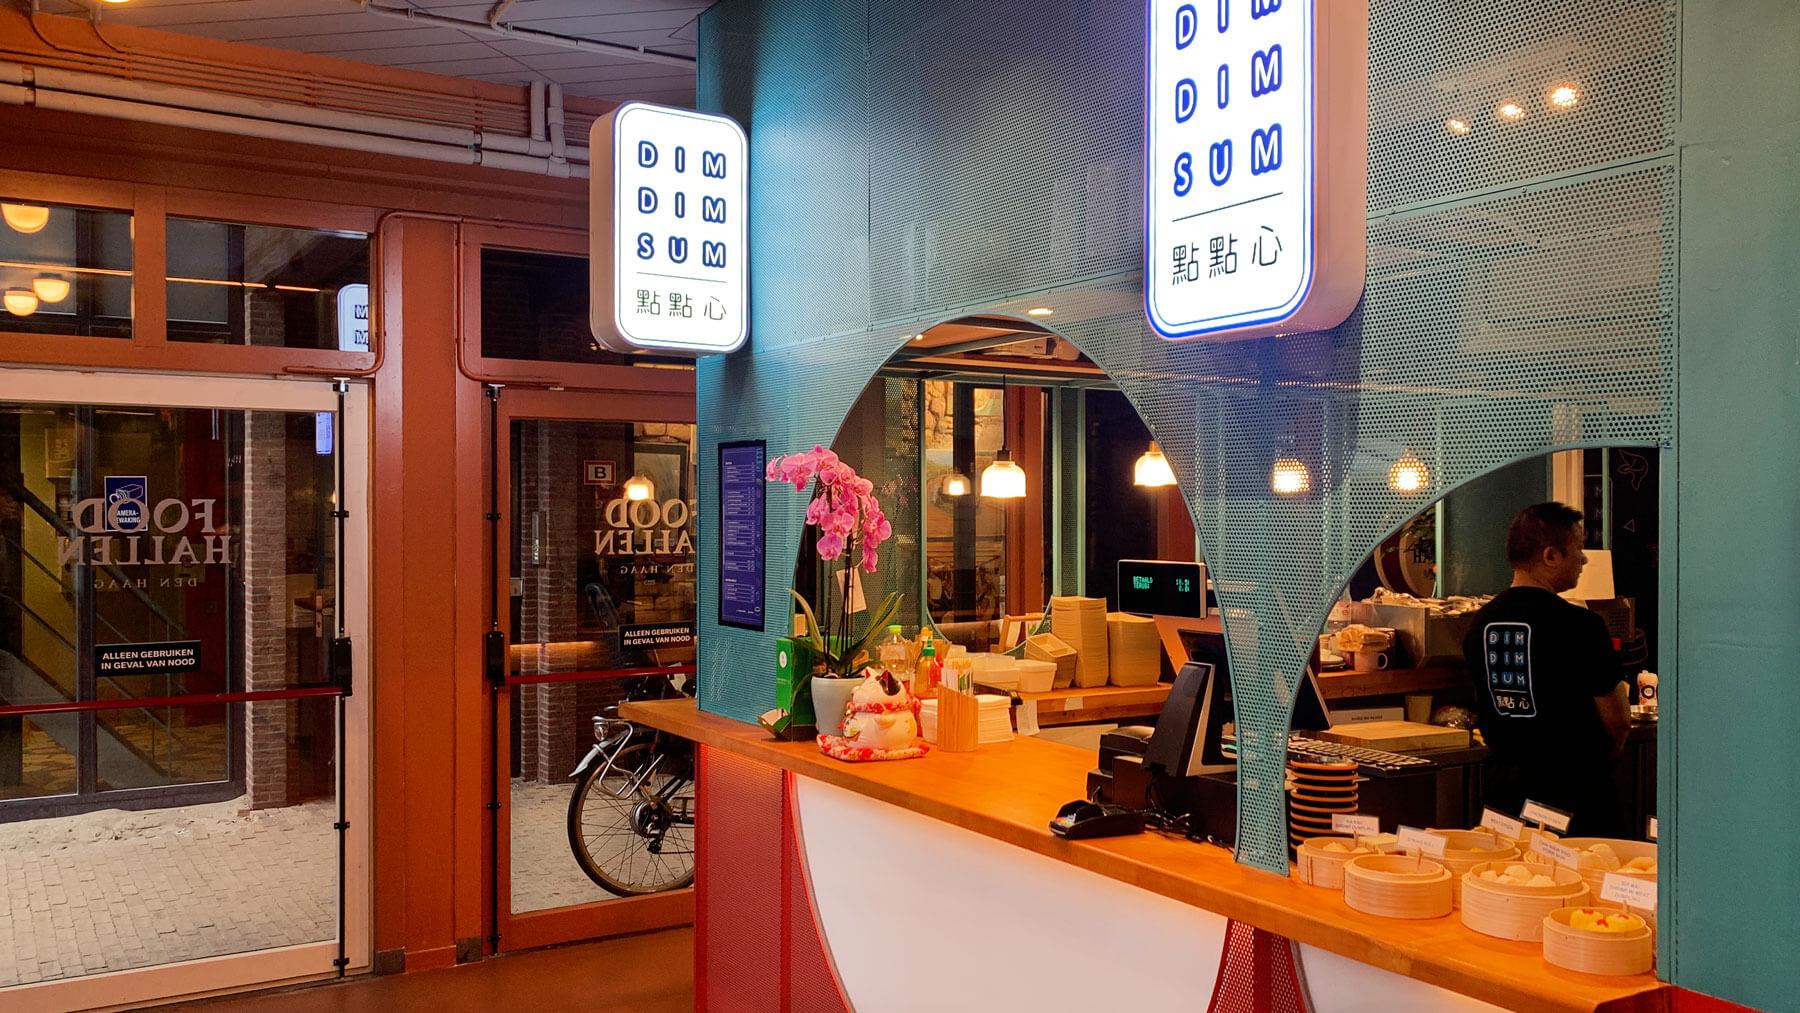 Dim Dim Sum, Mixus studio, interieur